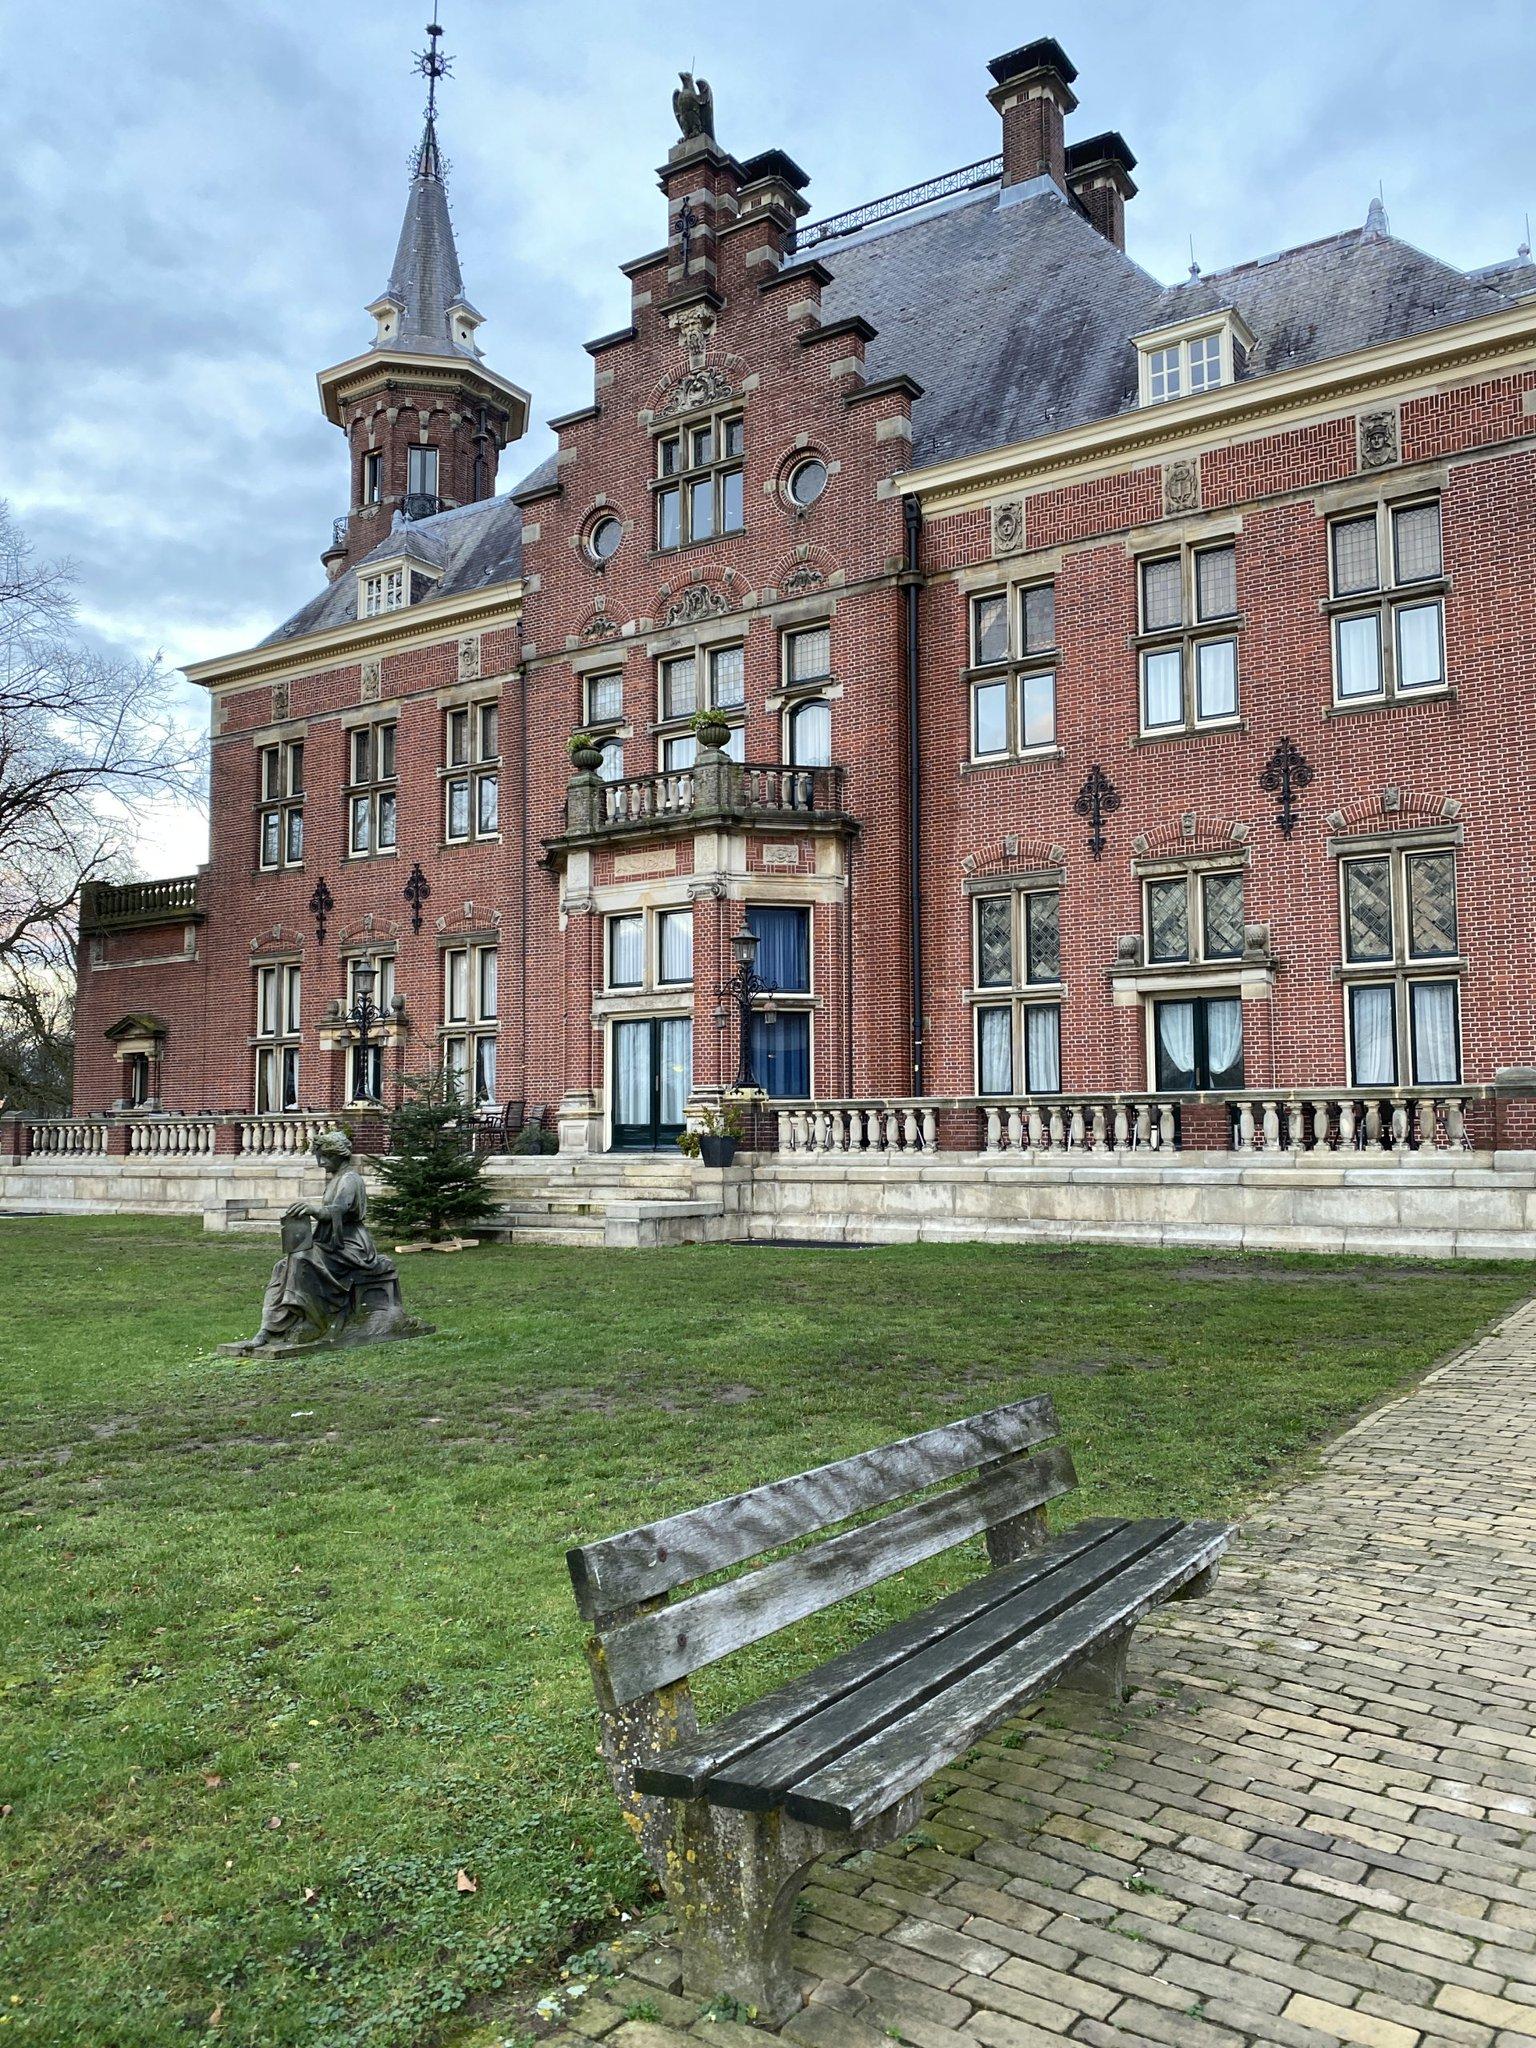 rt-arthurskm-speciaal-voor-wandelbankjes-en-walkersbenches-op-het-terrein-van-de-radboud-universiteit-in-nijmegen-8-https-t-co-8i